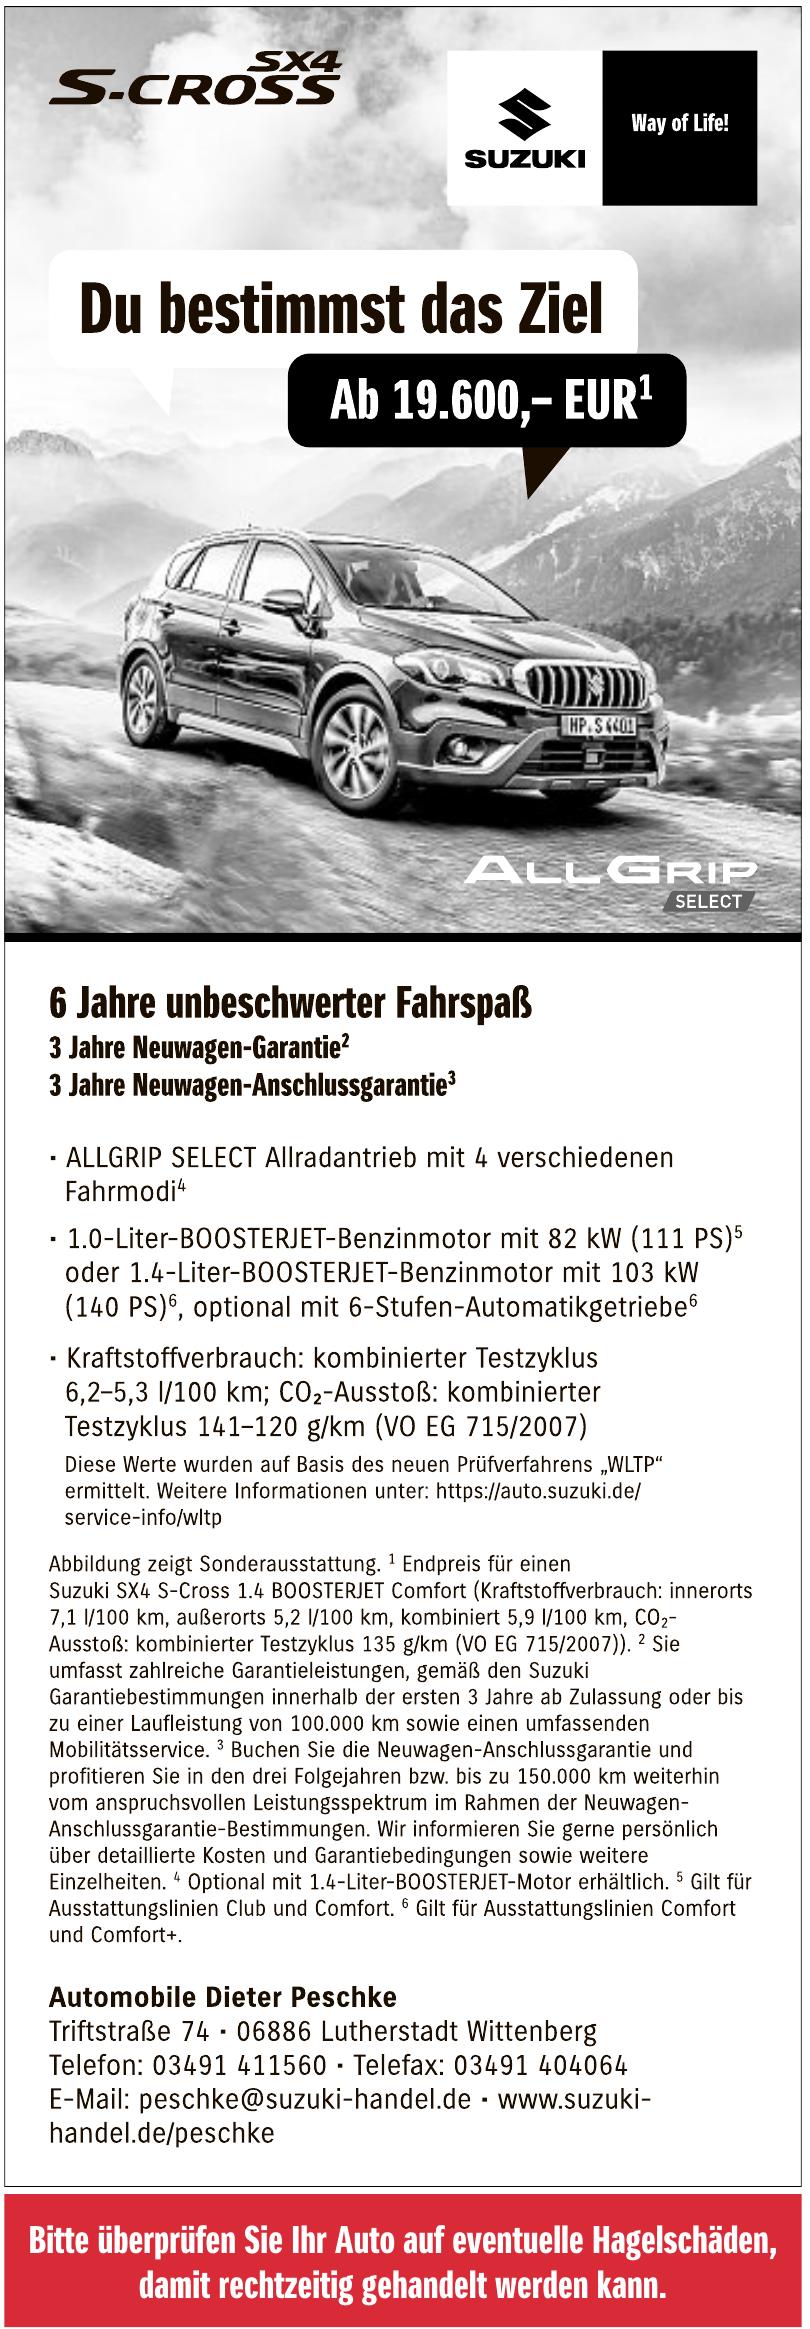 Suzuki-Automobile Dieter Peschke Vertragshändler